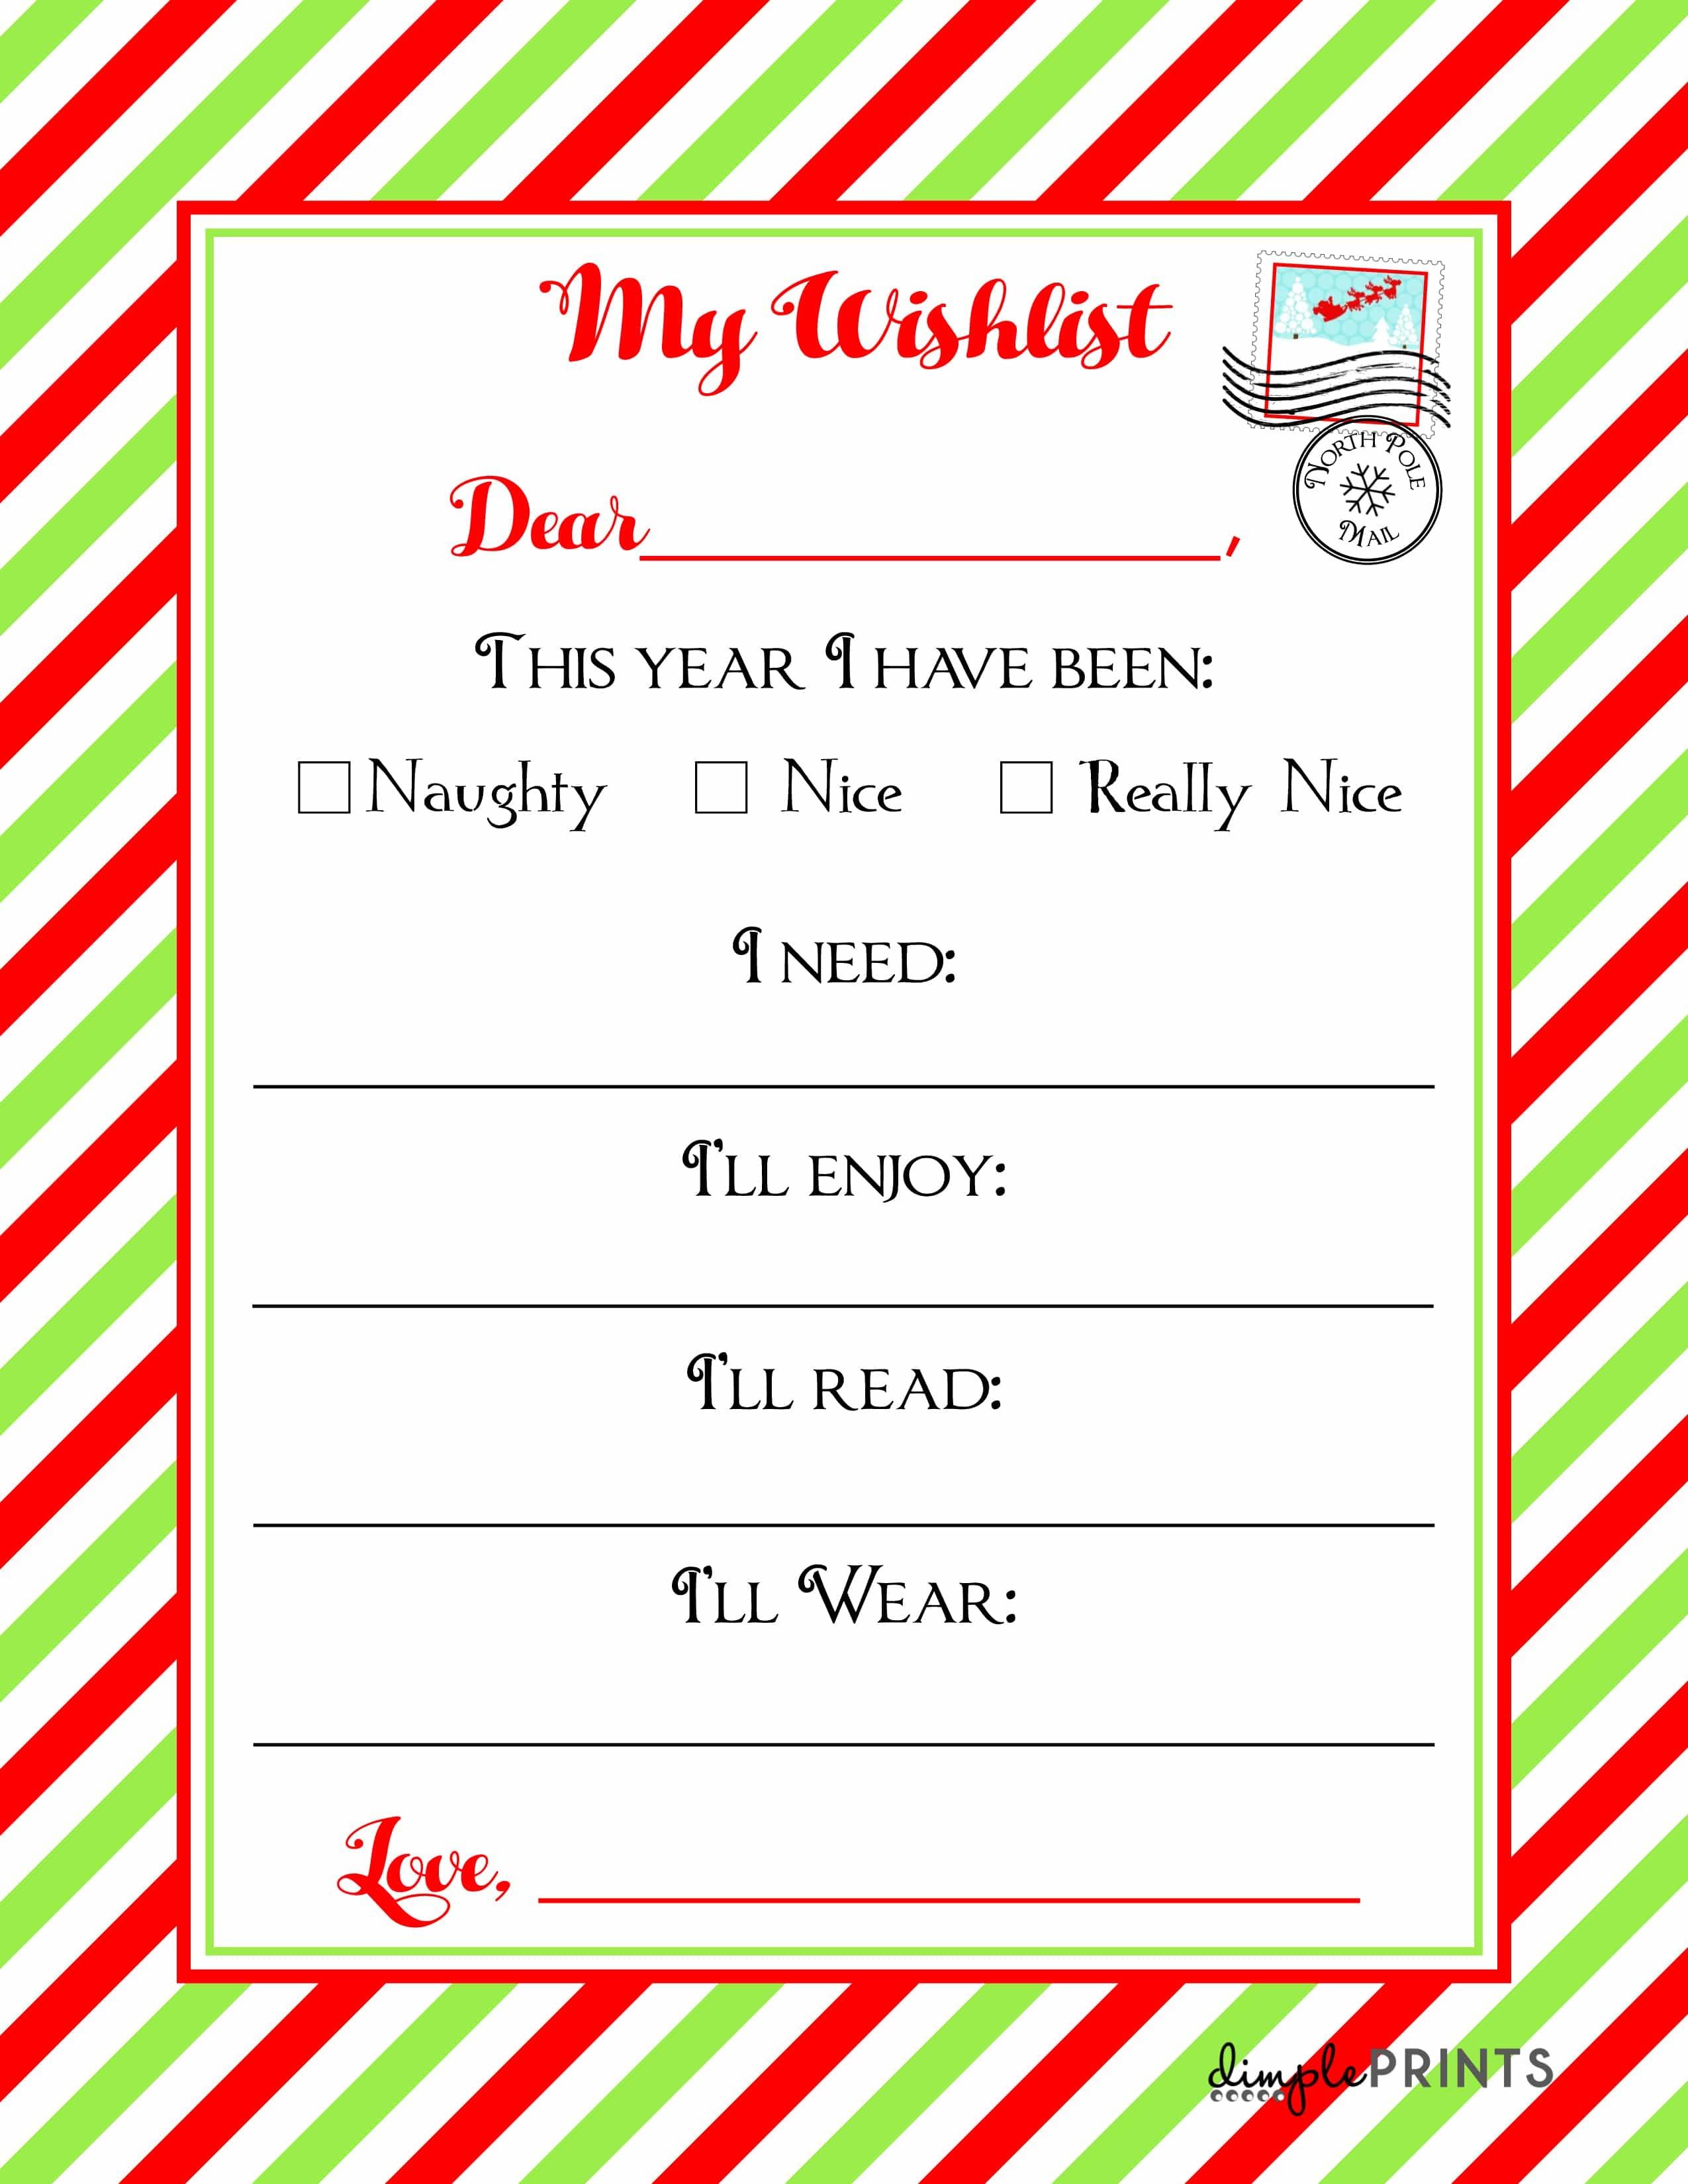 Christmas Wishlist Printable Letter ⋆ Real Housemoms - Free Printable Christmas Wish List